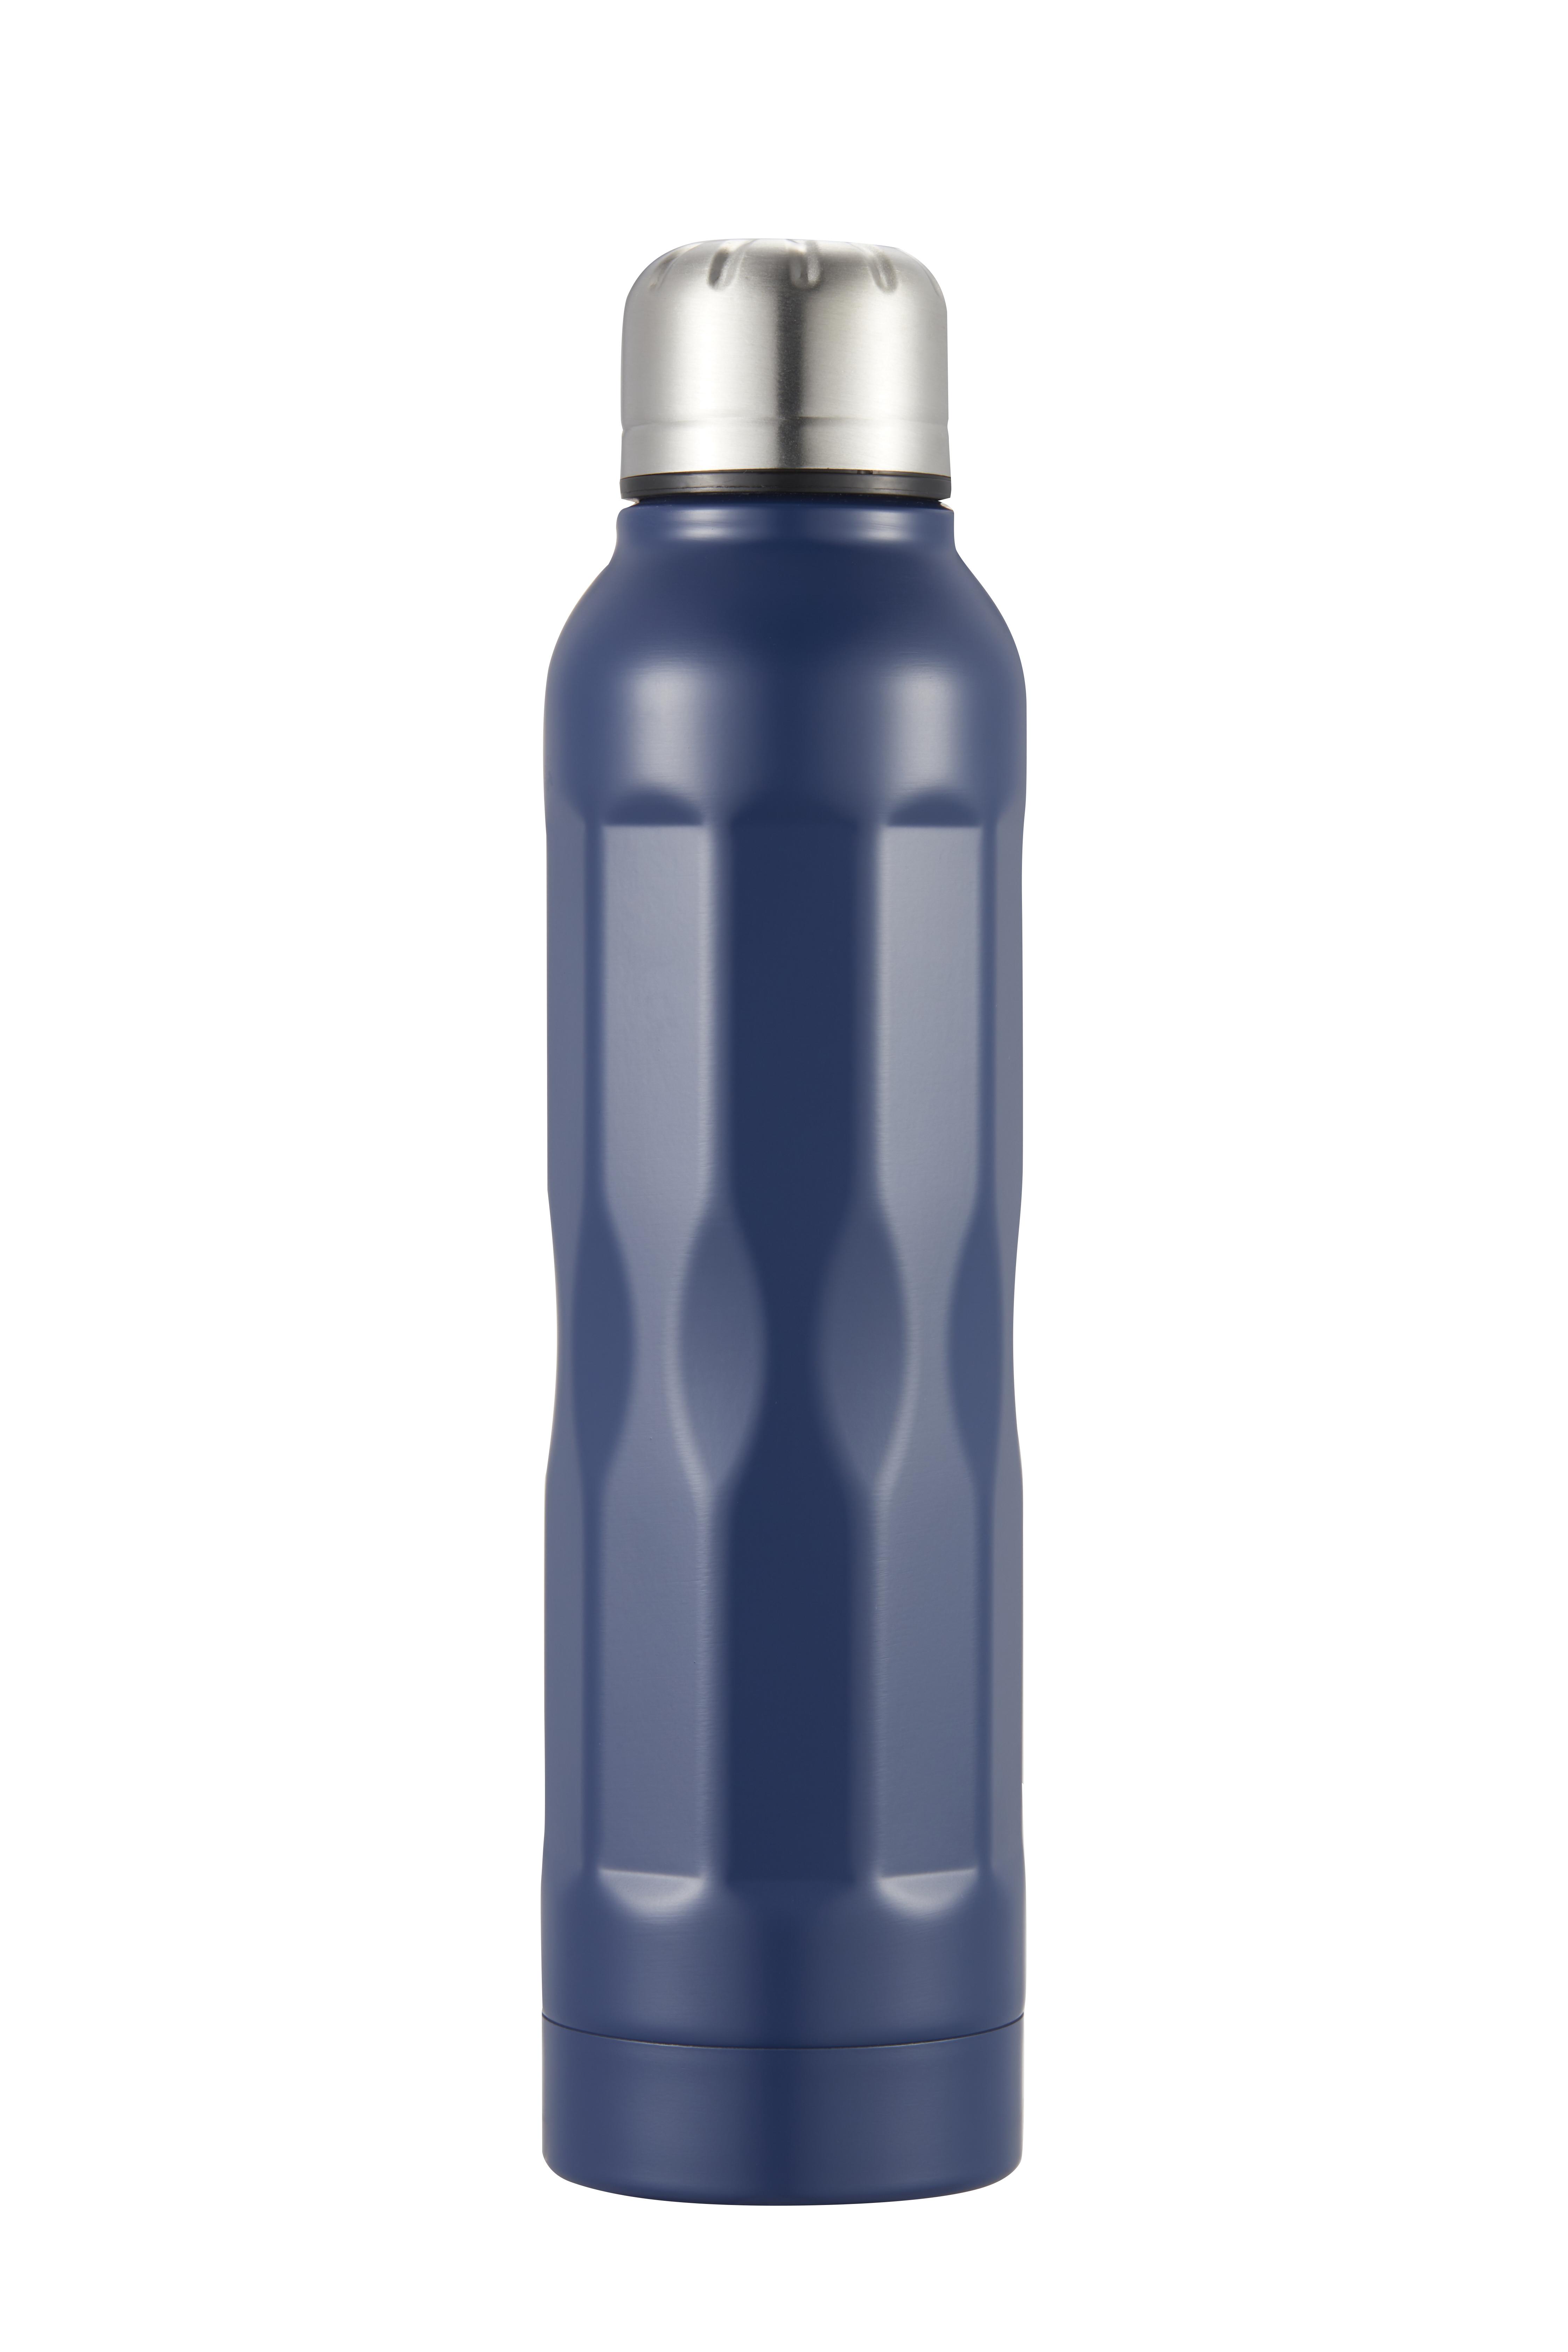 Tia Vakuumflaska mörkgblå rostfritt stål 35 dl